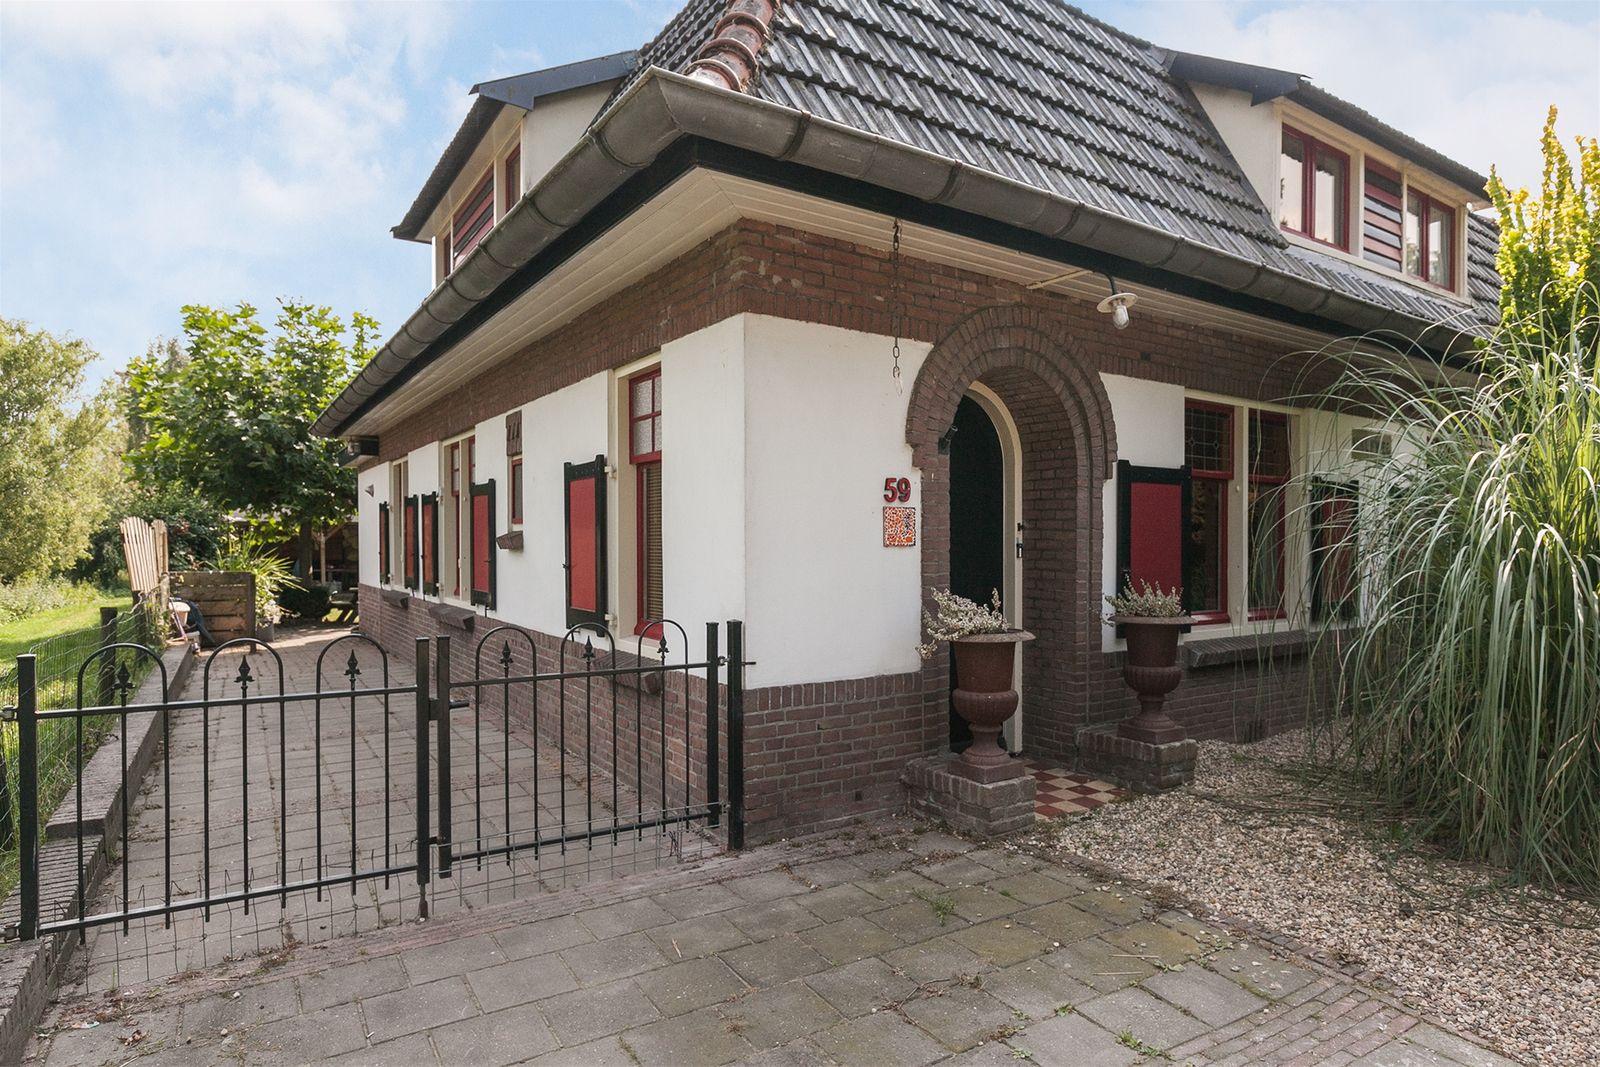 Veldstraat 59, Zetten